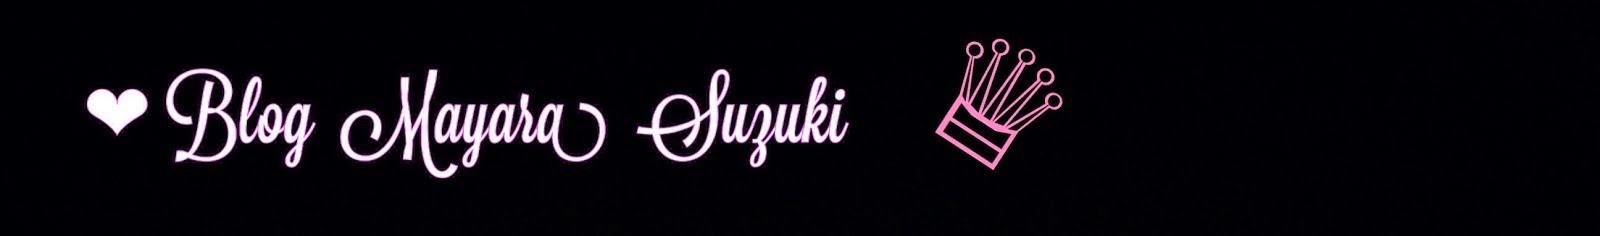 Blog Mayara Suzuki